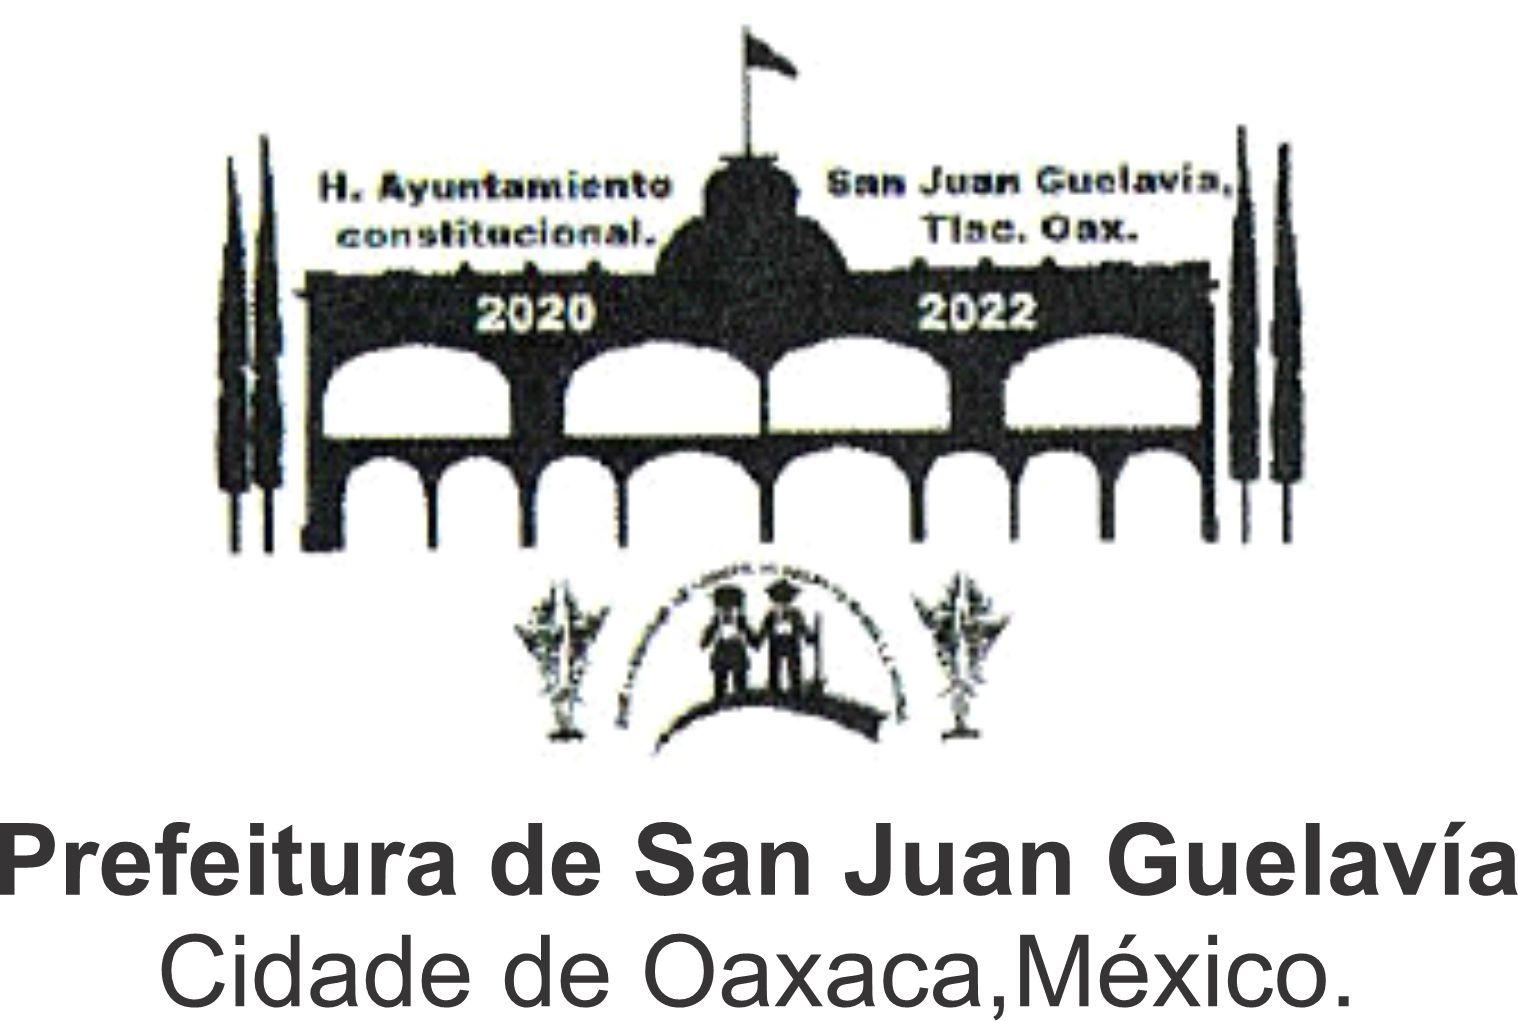 Prefeitura de San Juan Guelavía